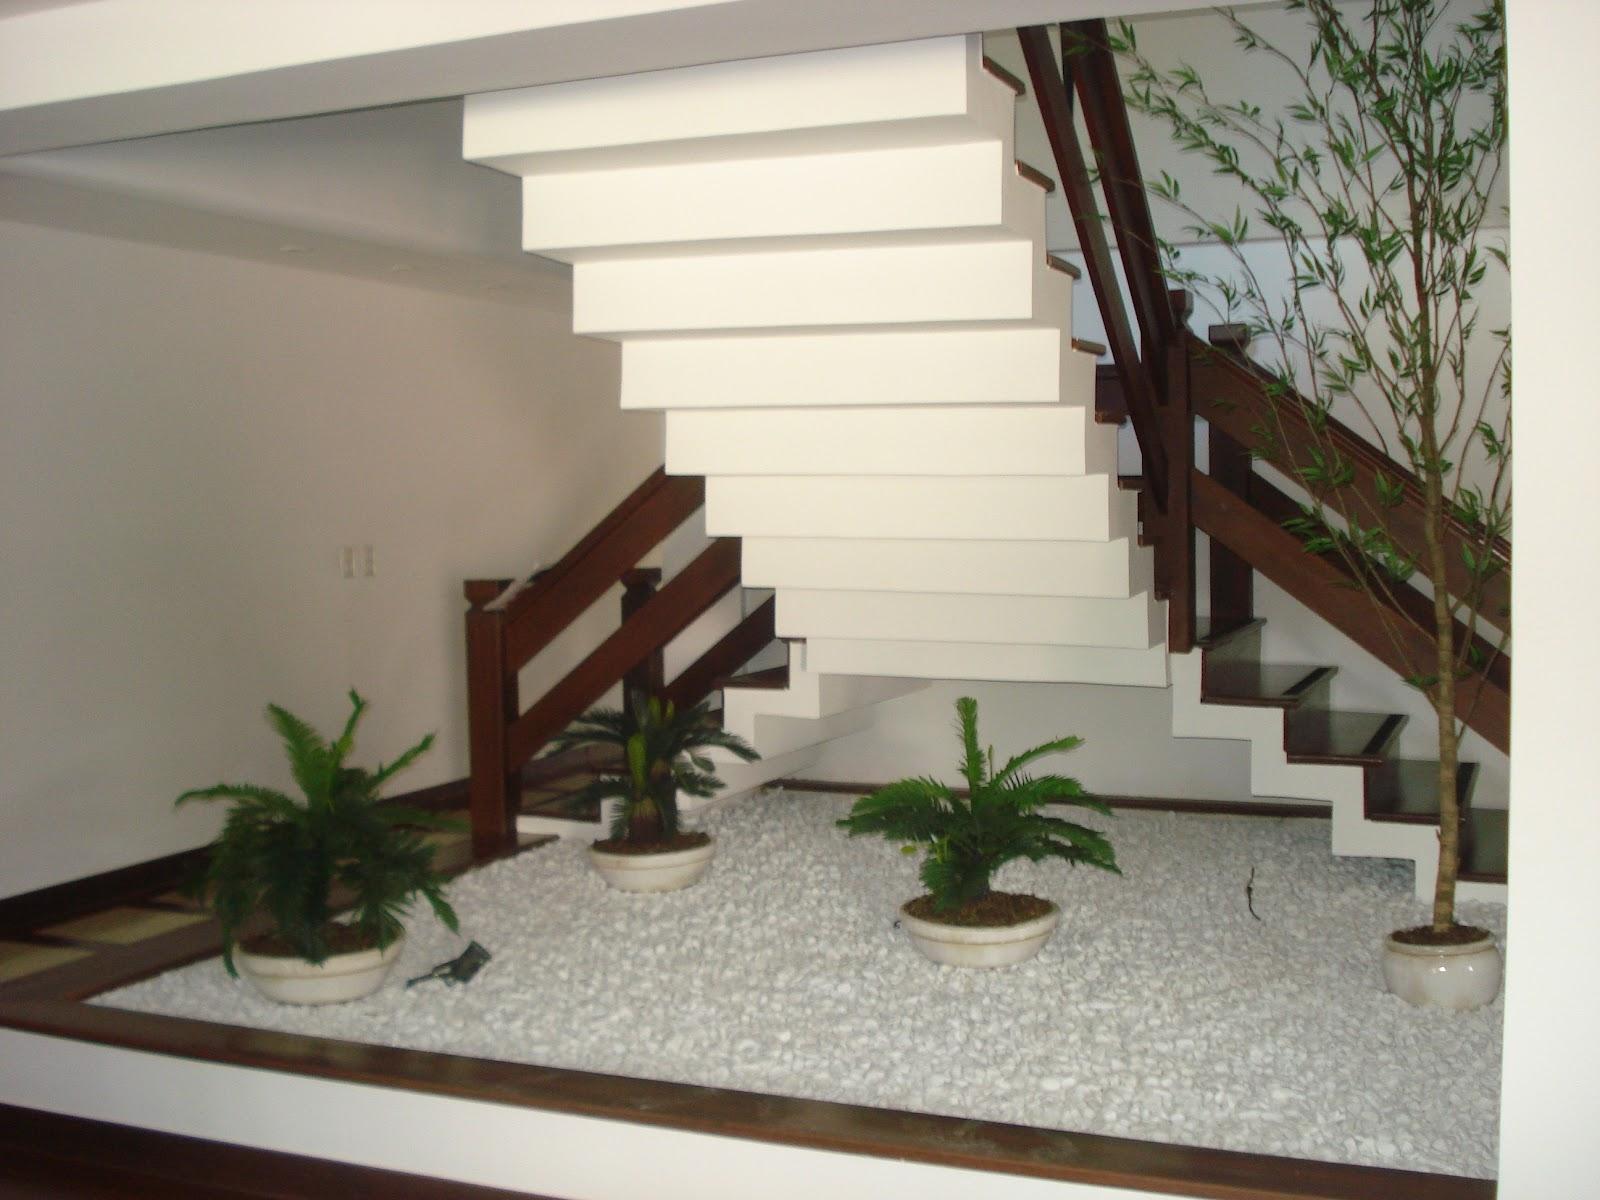 escada de pedra no jardim:Ateliê Jardim: Arte e Paisagismo: Jardim de inverno sob a escada